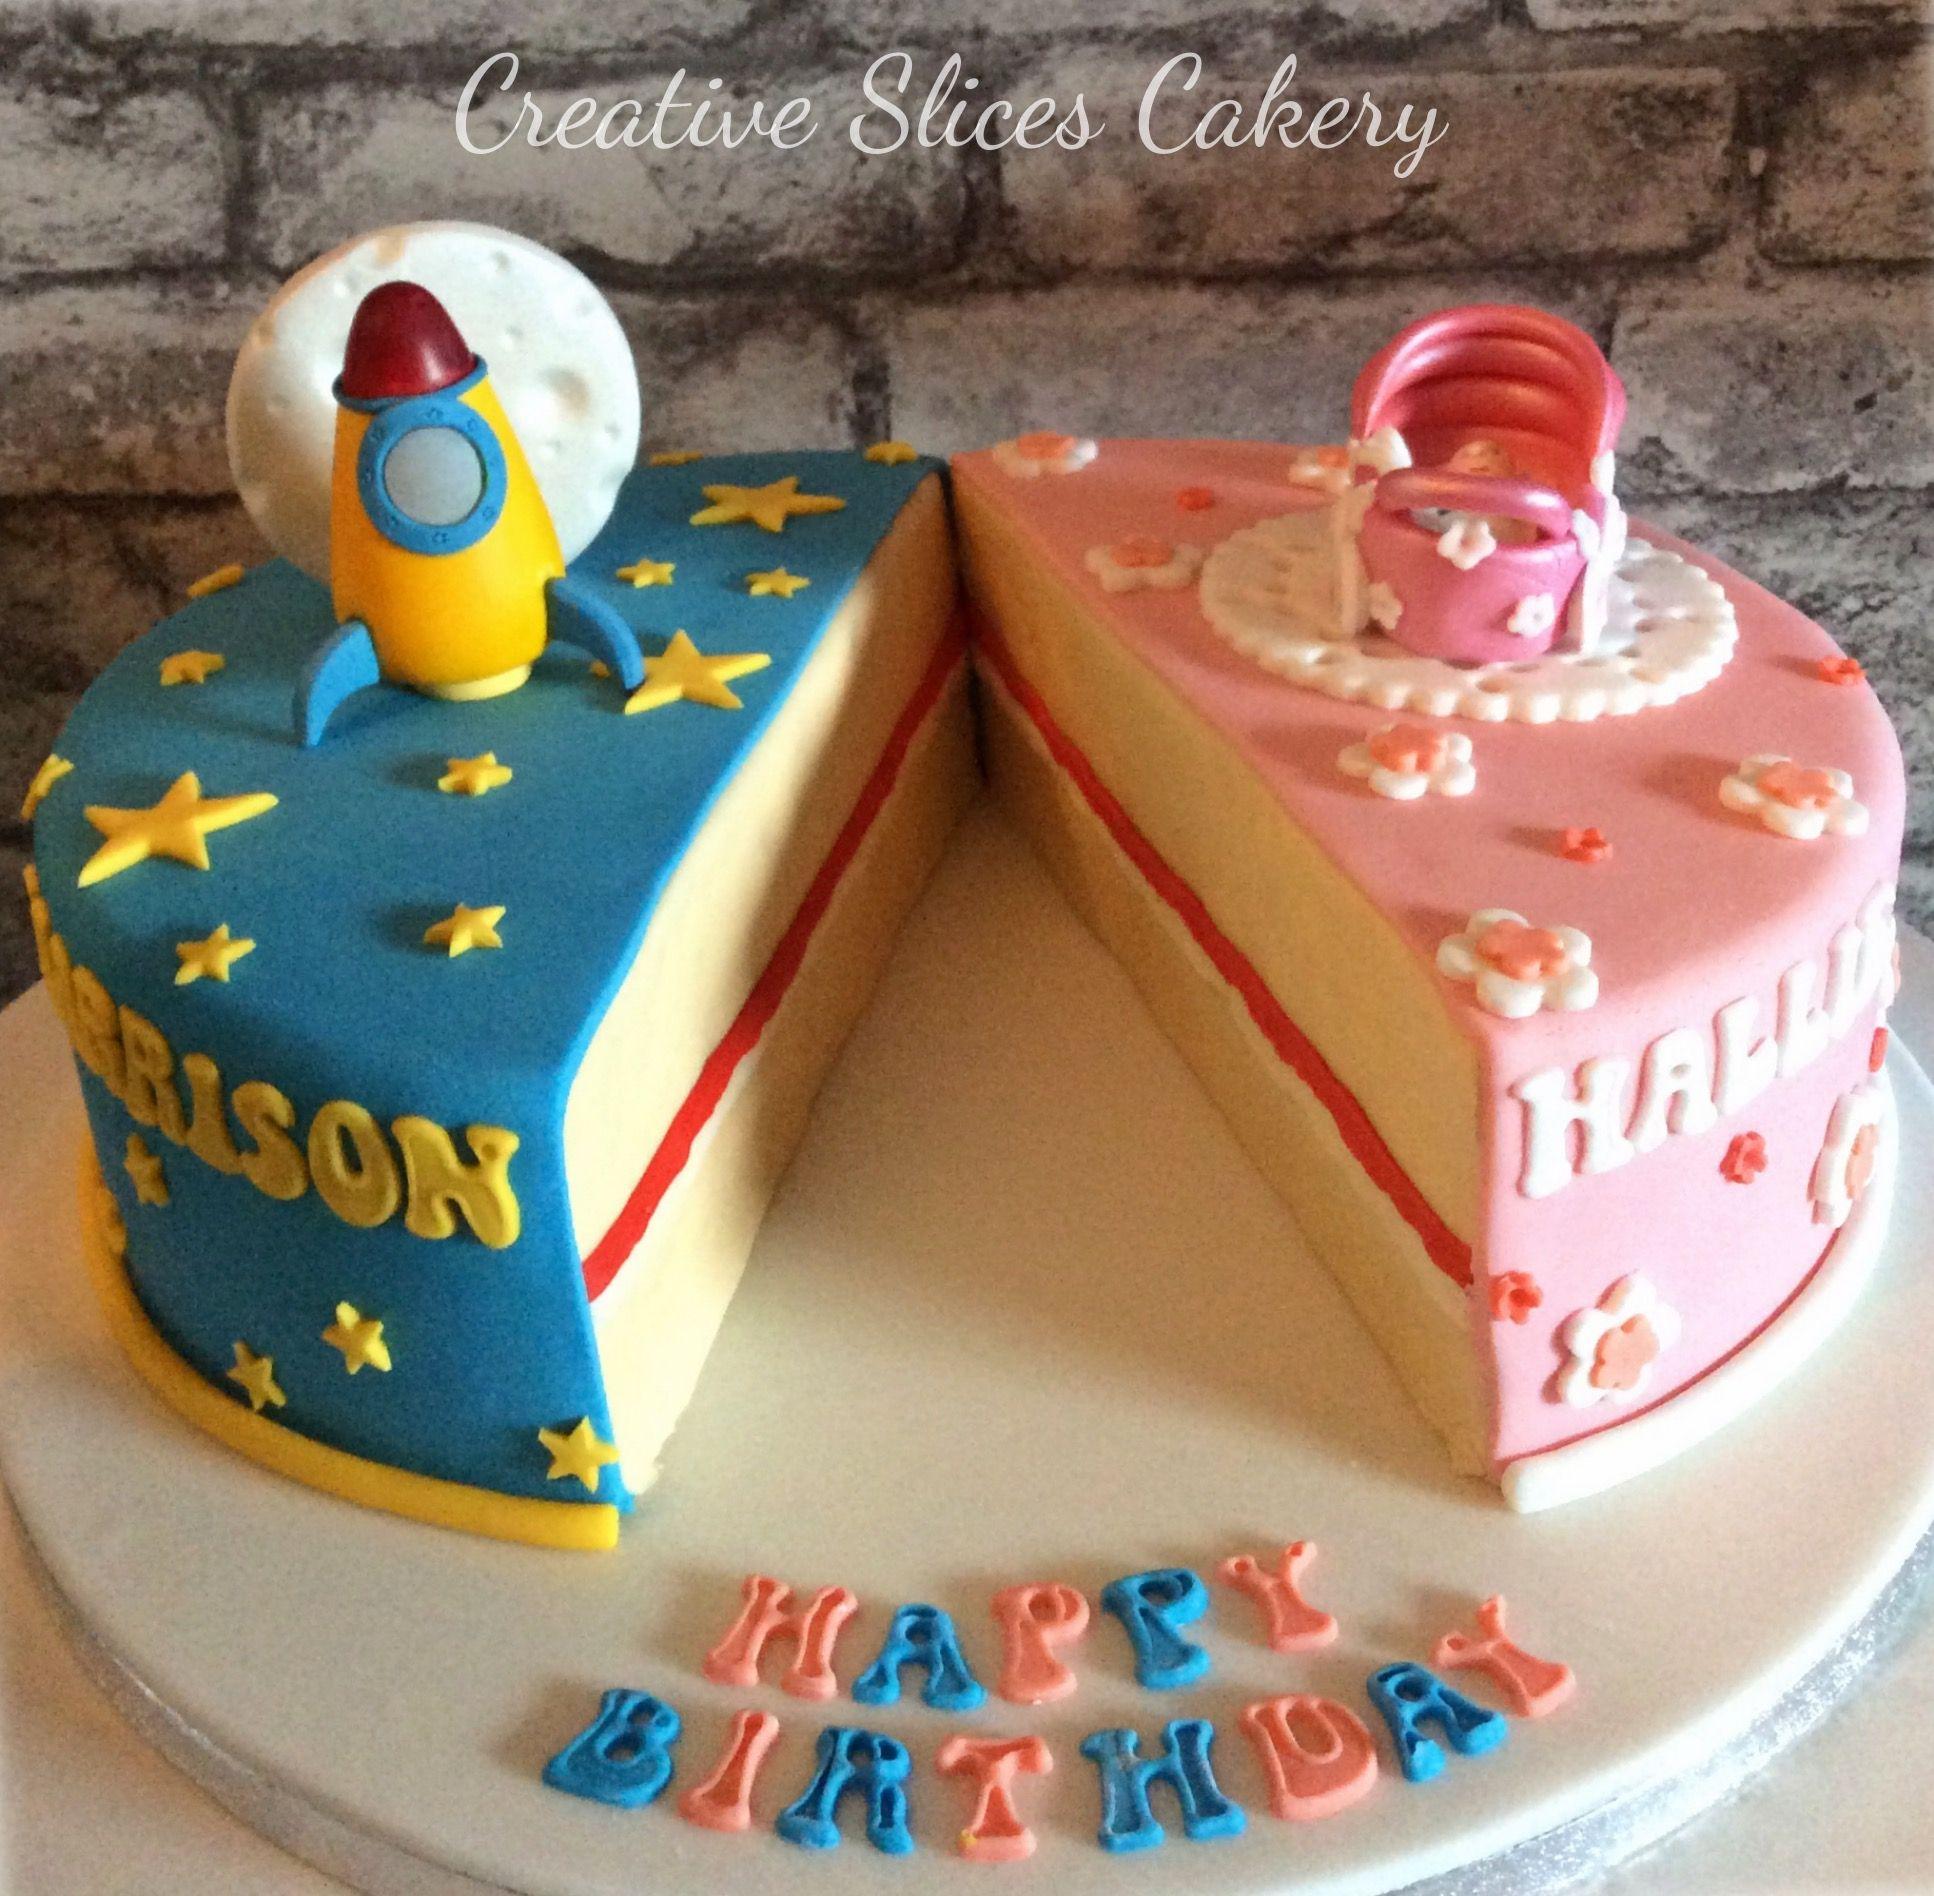 Split Half And Half Cake For Boy And Girl X Half Birthday Cakes Twin Birthday Cakes Boy Birthday Cake